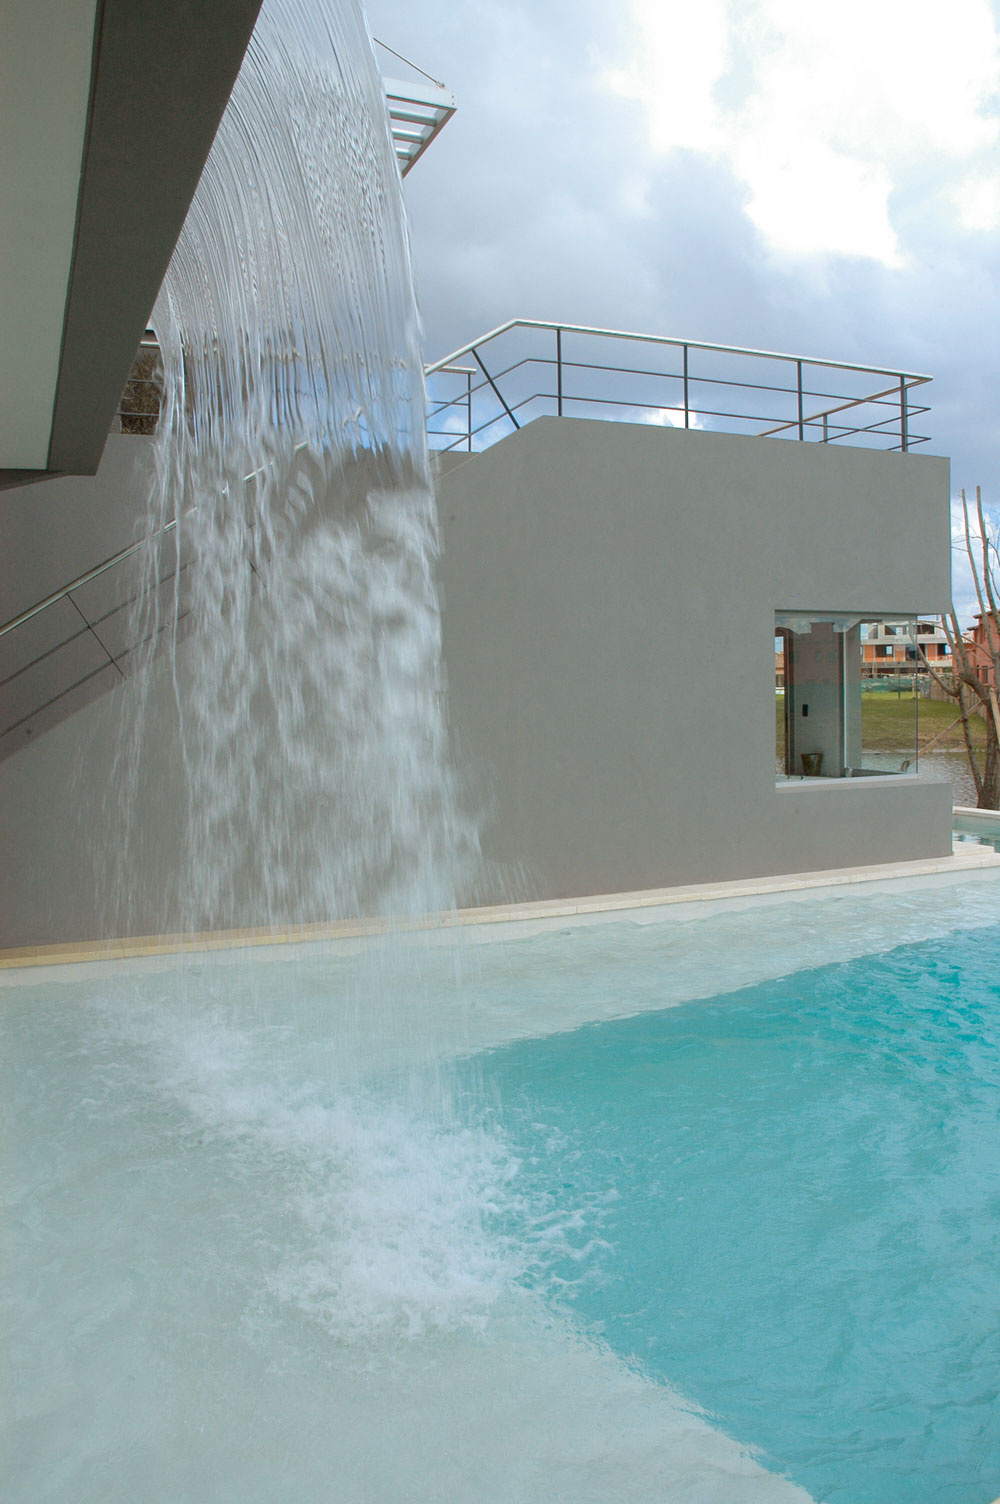 Široký prúd vody padajúci znádrže na prvom poschodí je nielen efektný, jeho šum tlmí okolitý ruch avoda ochladzuje bezprostredné okolie domu. Teplotu vody prispôsobuje elektronický systém teplote vzduchu.